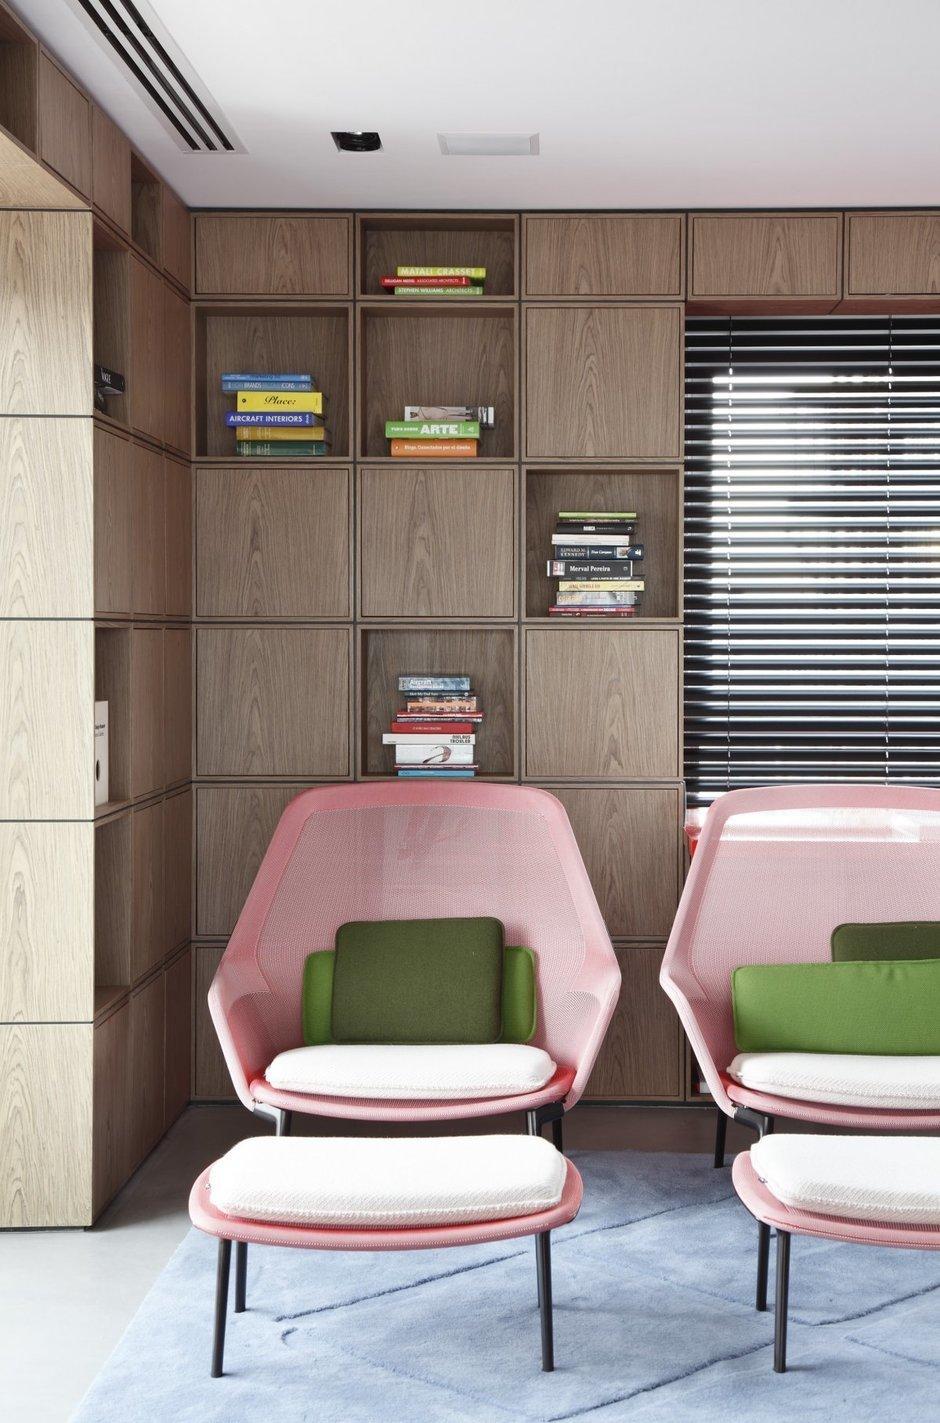 Фотография: Декор в стиле Современный, Дом, Цвет в интерьере, Дома и квартиры, Серый, Бразилия, Пол, Сан-Паулу – фото на InMyRoom.ru